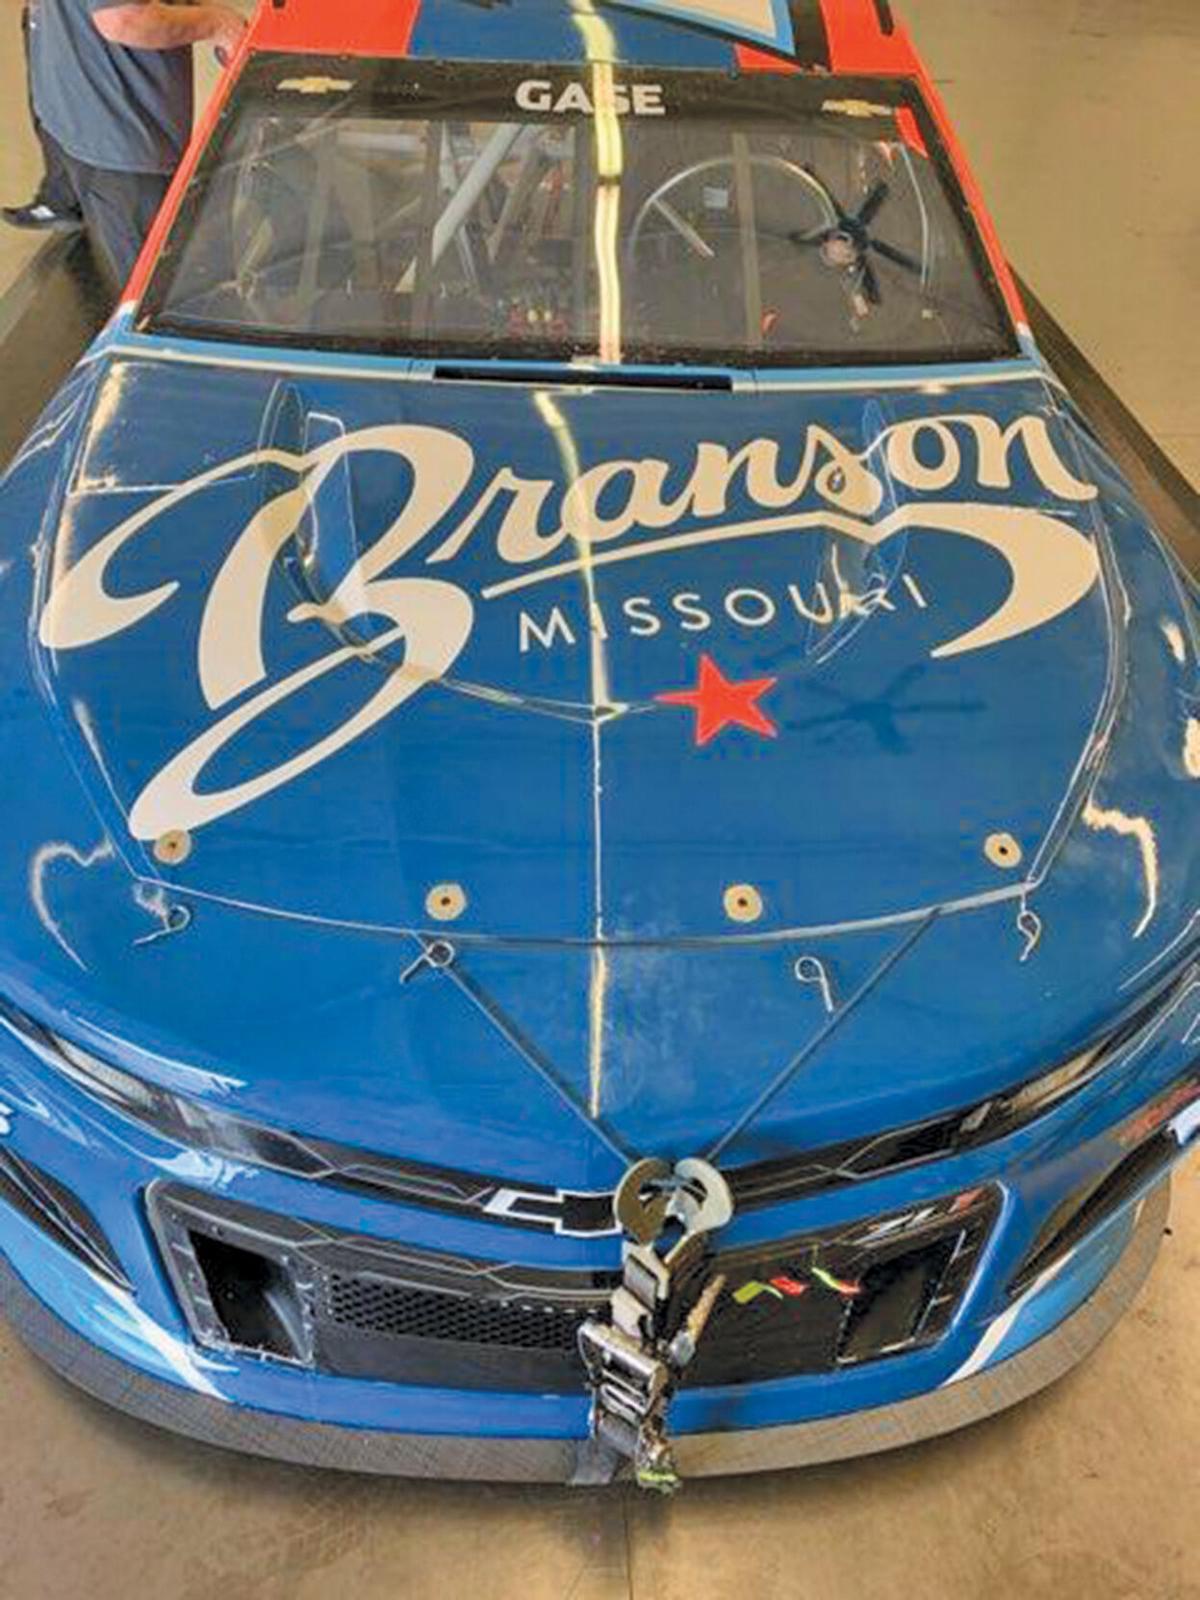 Branson Race Car 1.jpg